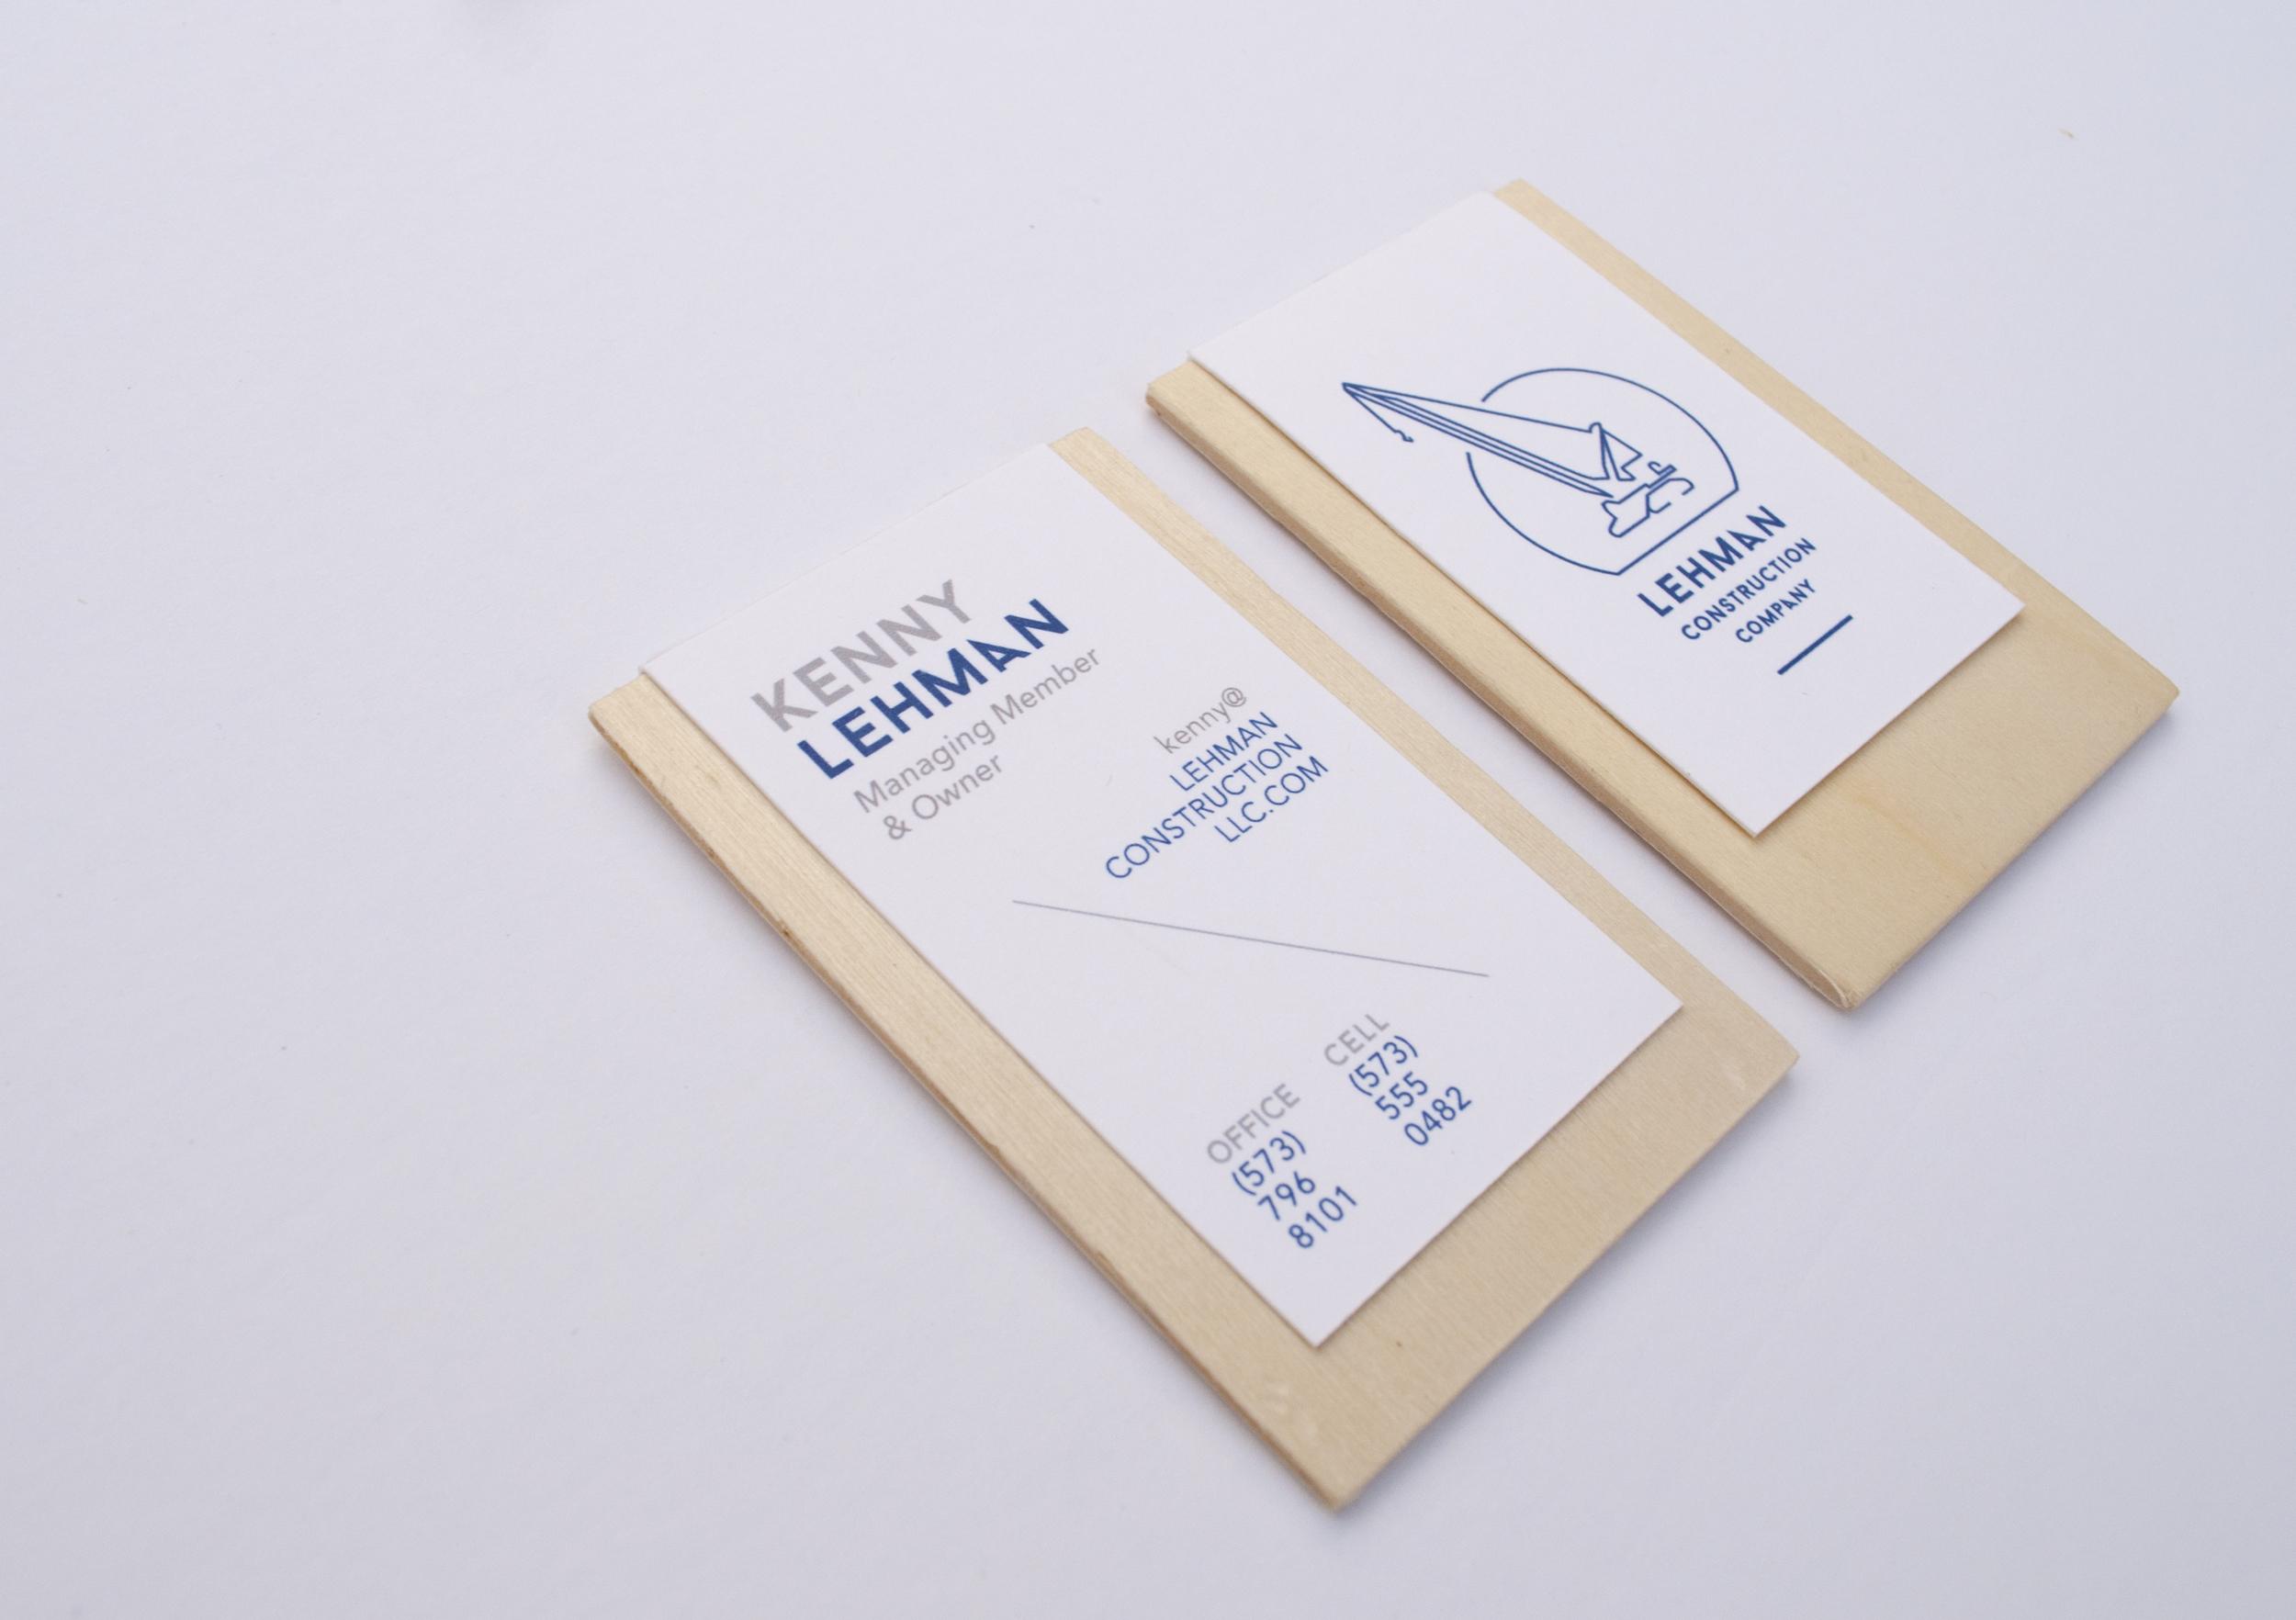 lehmanconstruction_businesscard